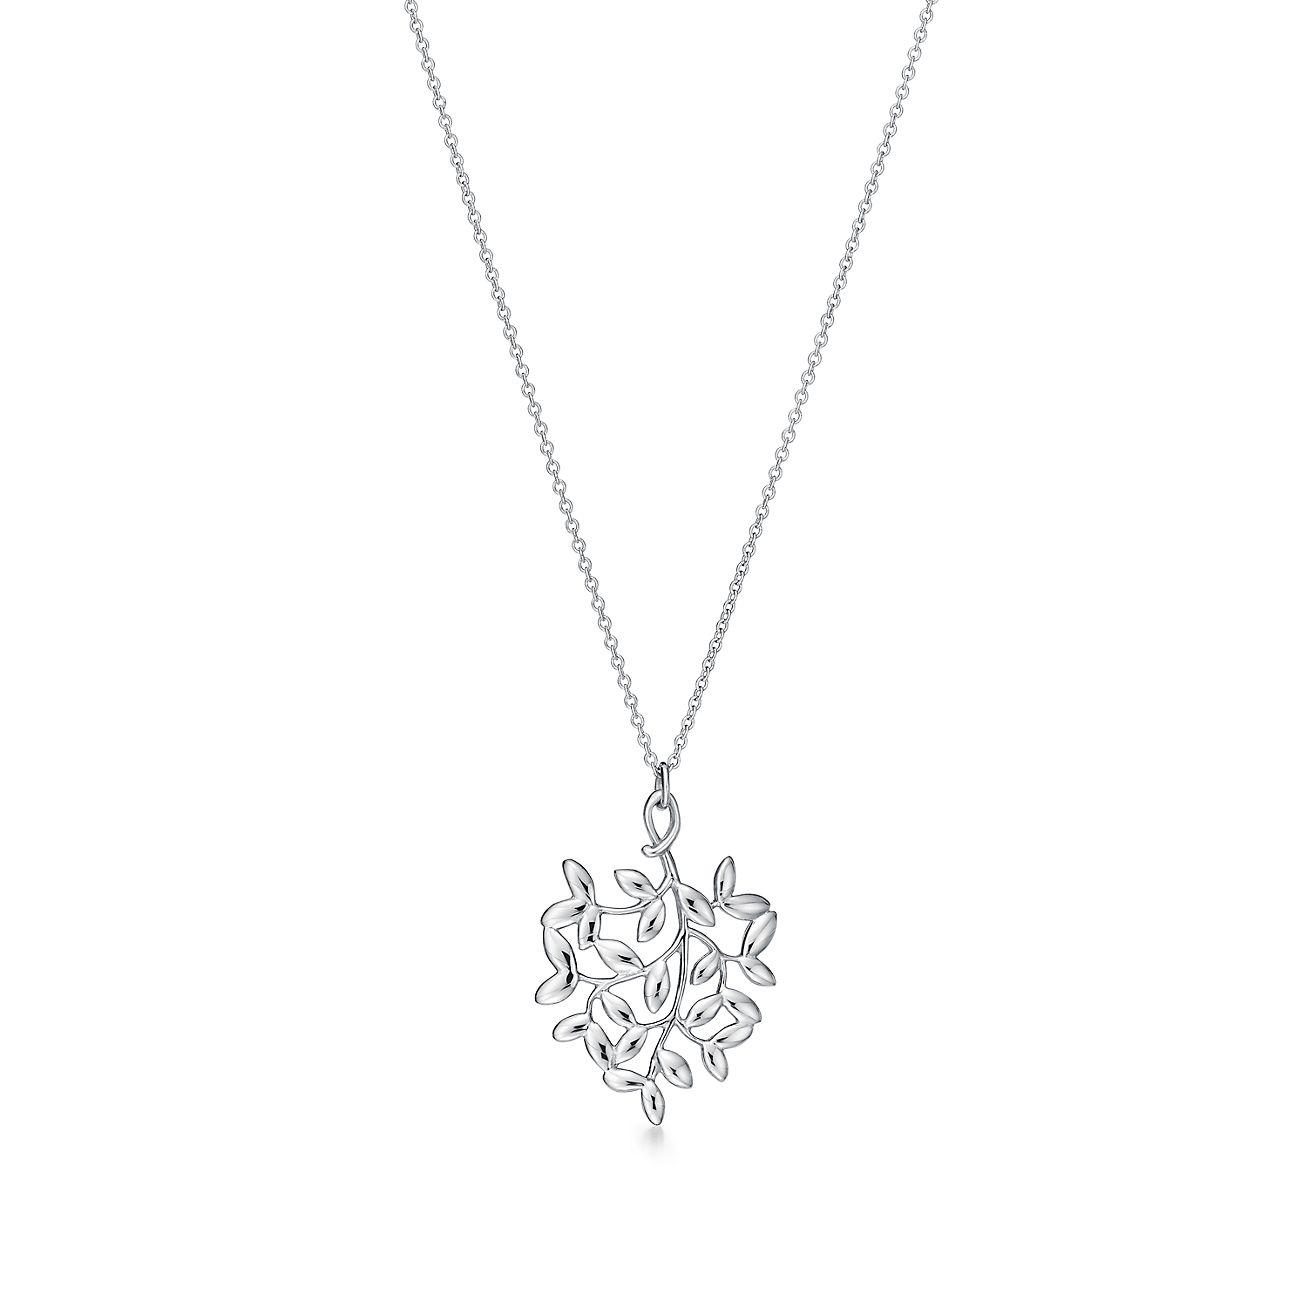 Olive leaf pendant in solid sterling silver 925.